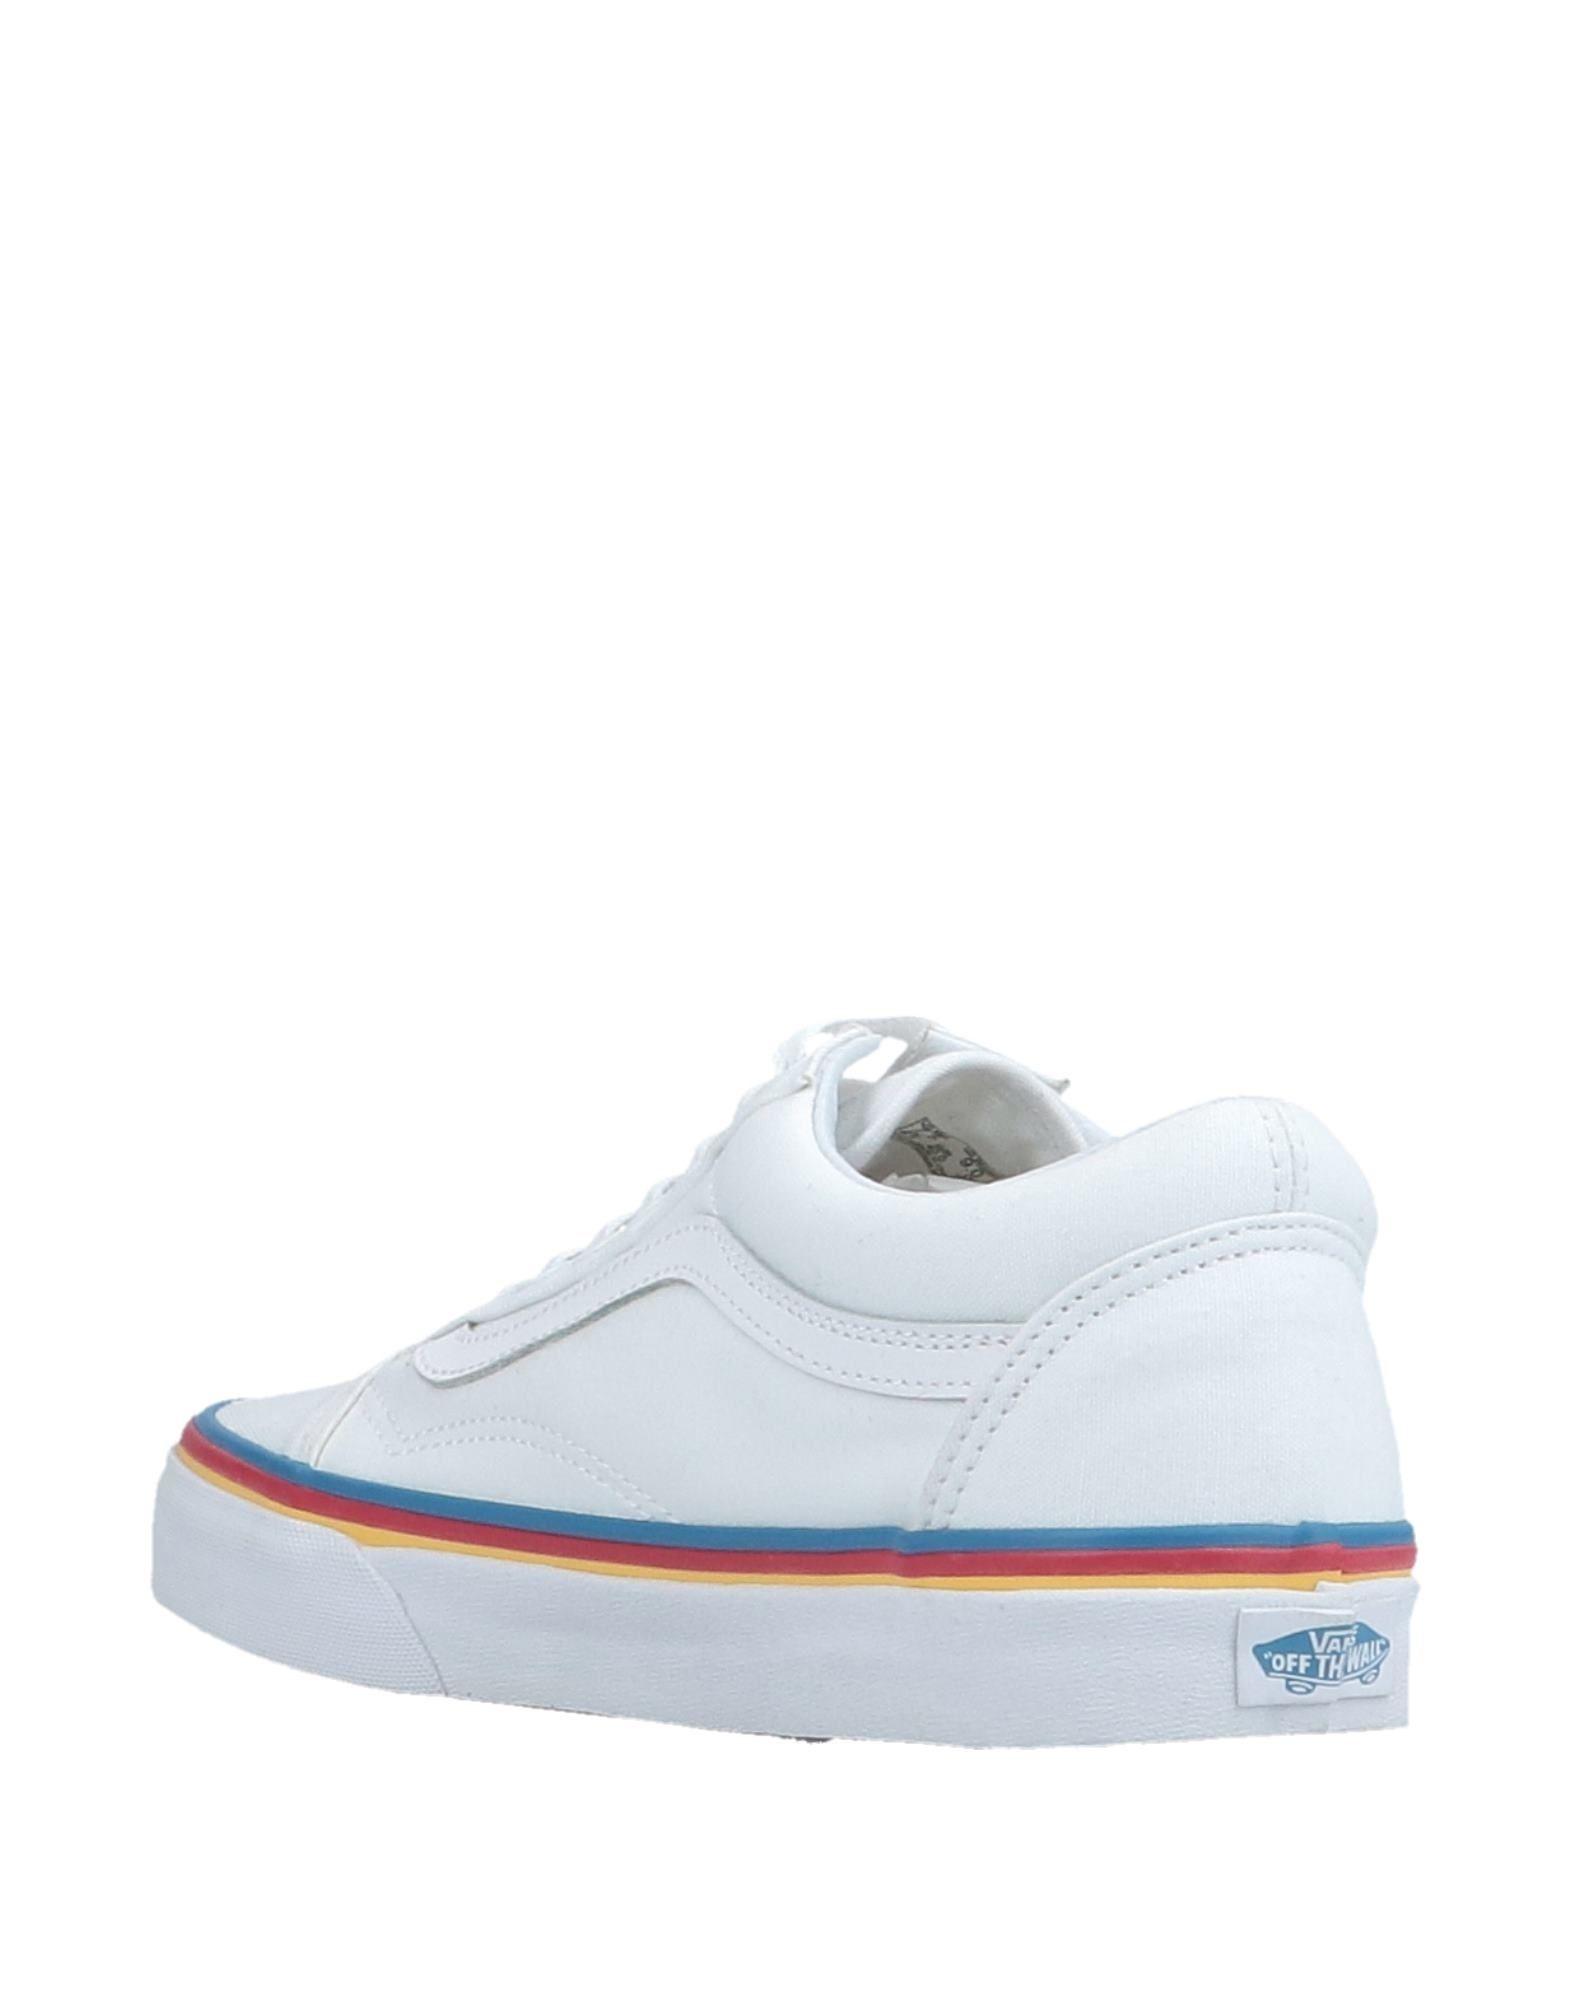 Rabatt Sneakers echte Schuhe Vans Sneakers Rabatt Herren  11510899BA 7b7037